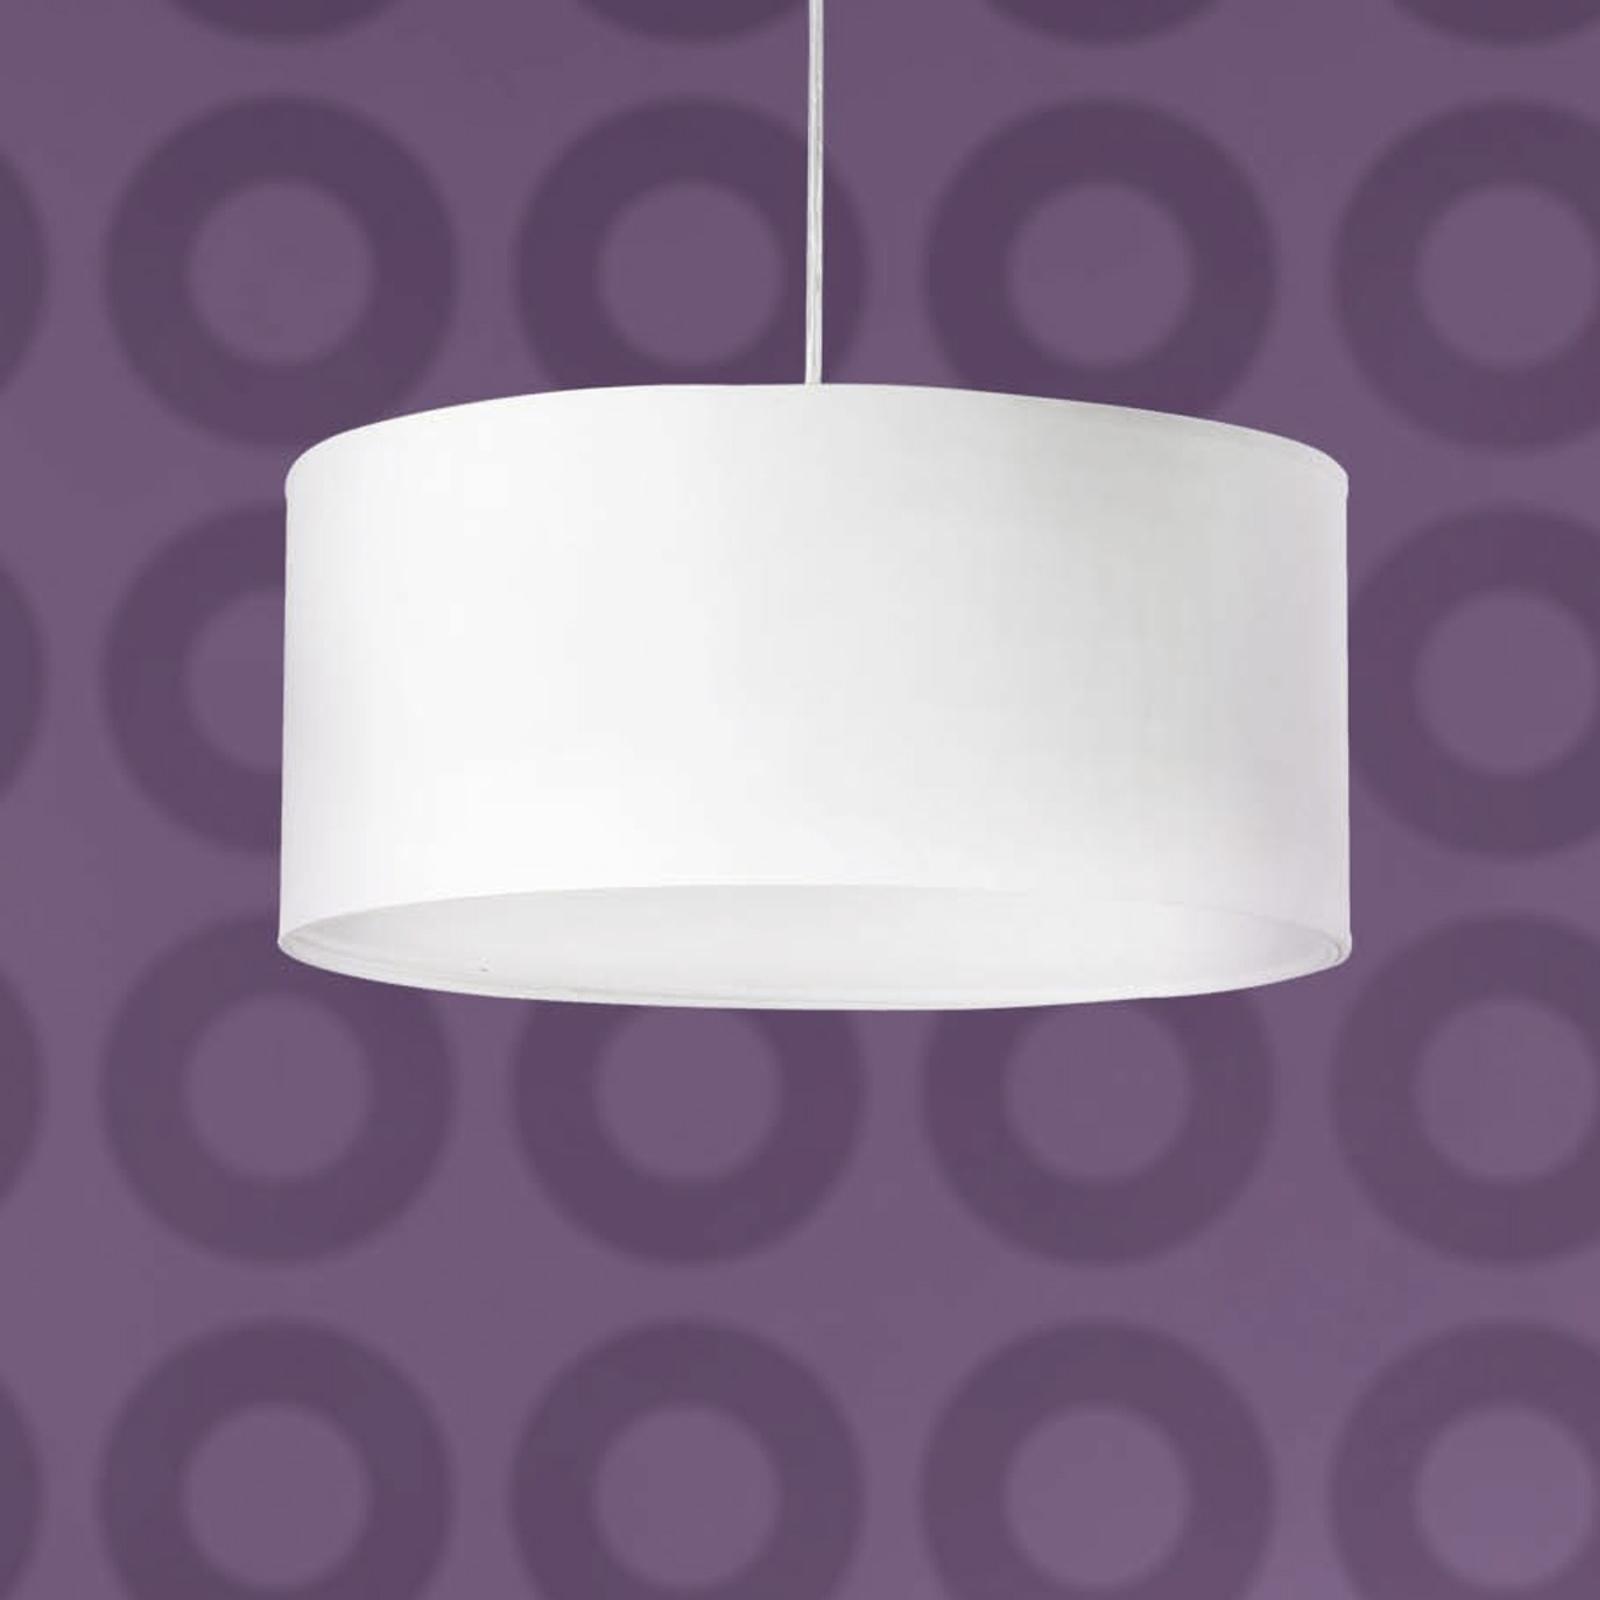 Závesná lampa Seven 40 cm_3506830_1